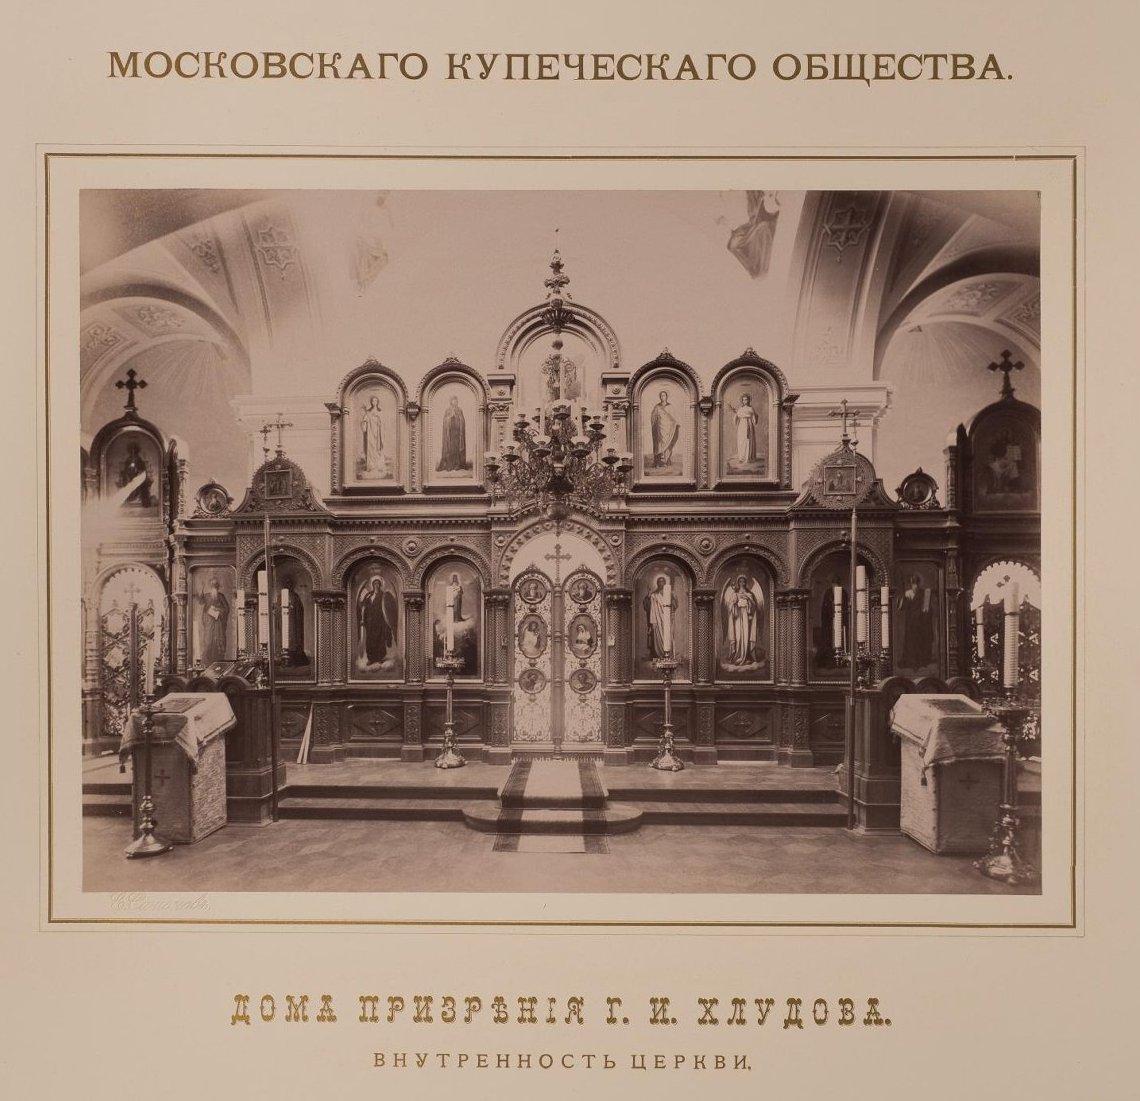 19. Дома призрения Д.И. Хлудова. Внутренность церкви